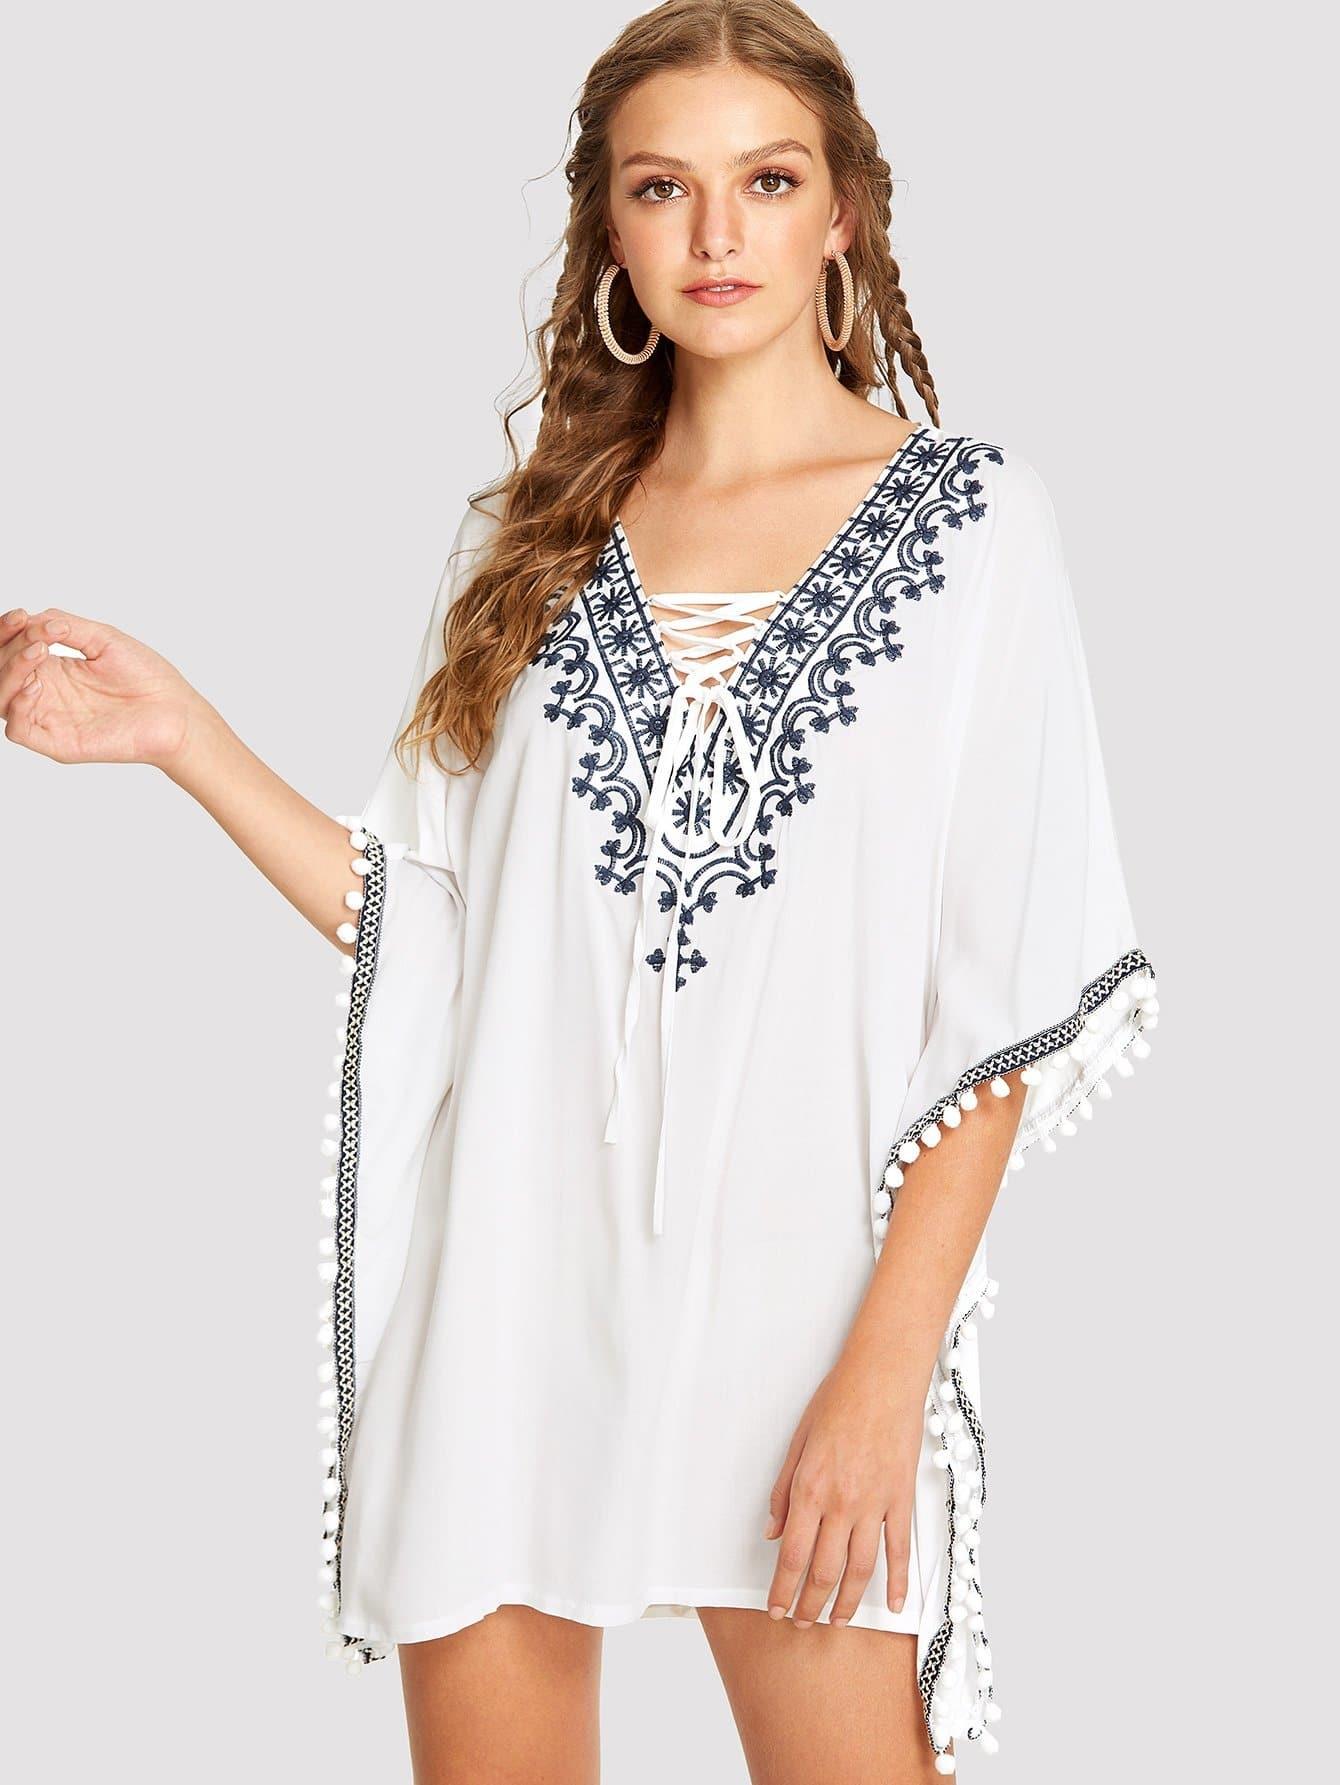 Купить Платье пончо с помпонами и вышивкой, Luiza, SheIn